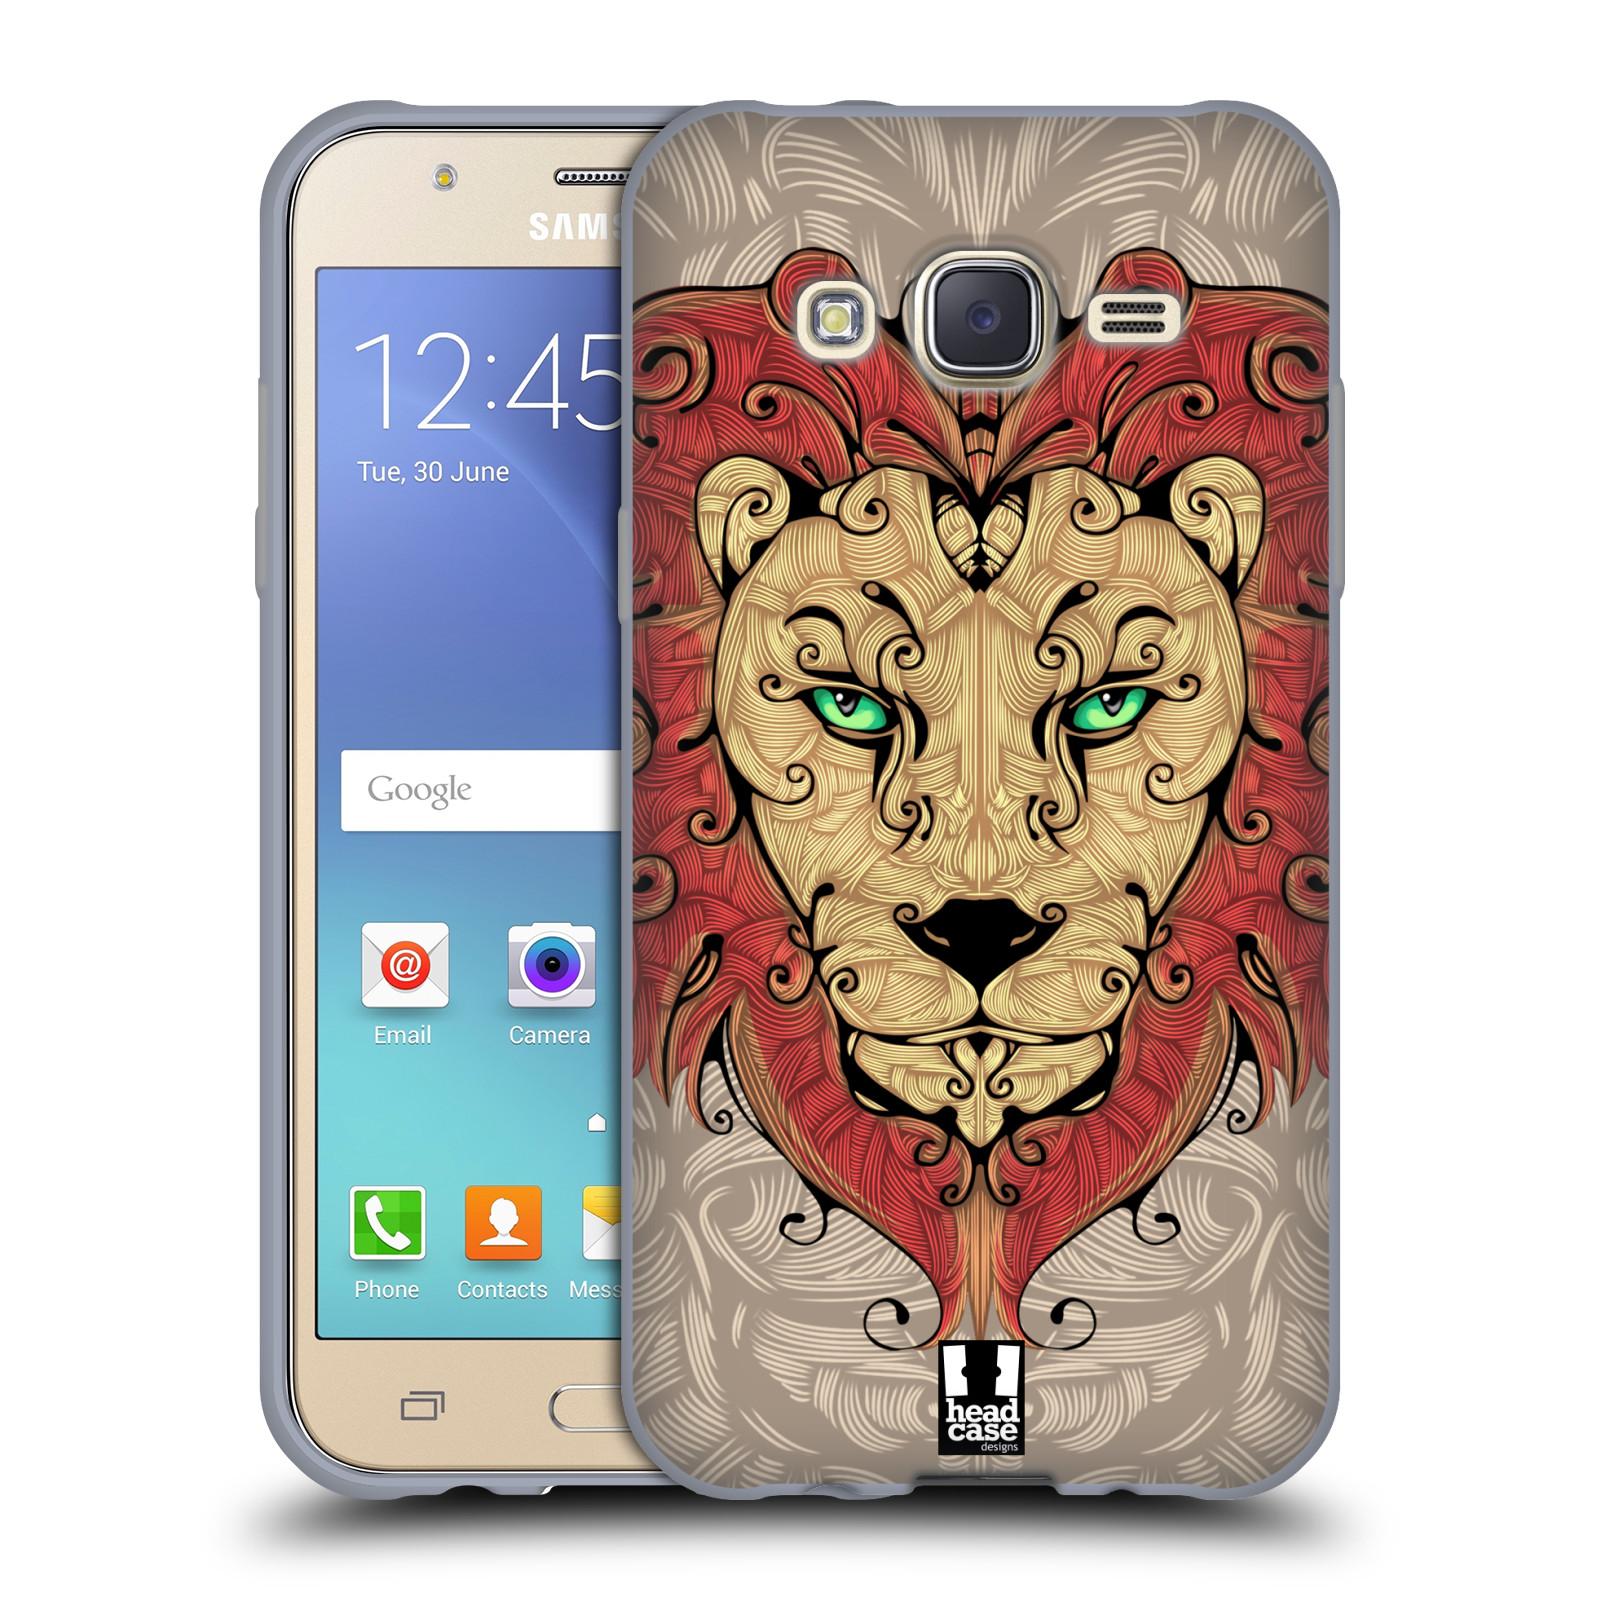 HEAD CASE silikonový obal na mobil Samsung Galaxy J5, J500, (J5 DUOS) vzor kudrlinky zvíře lev